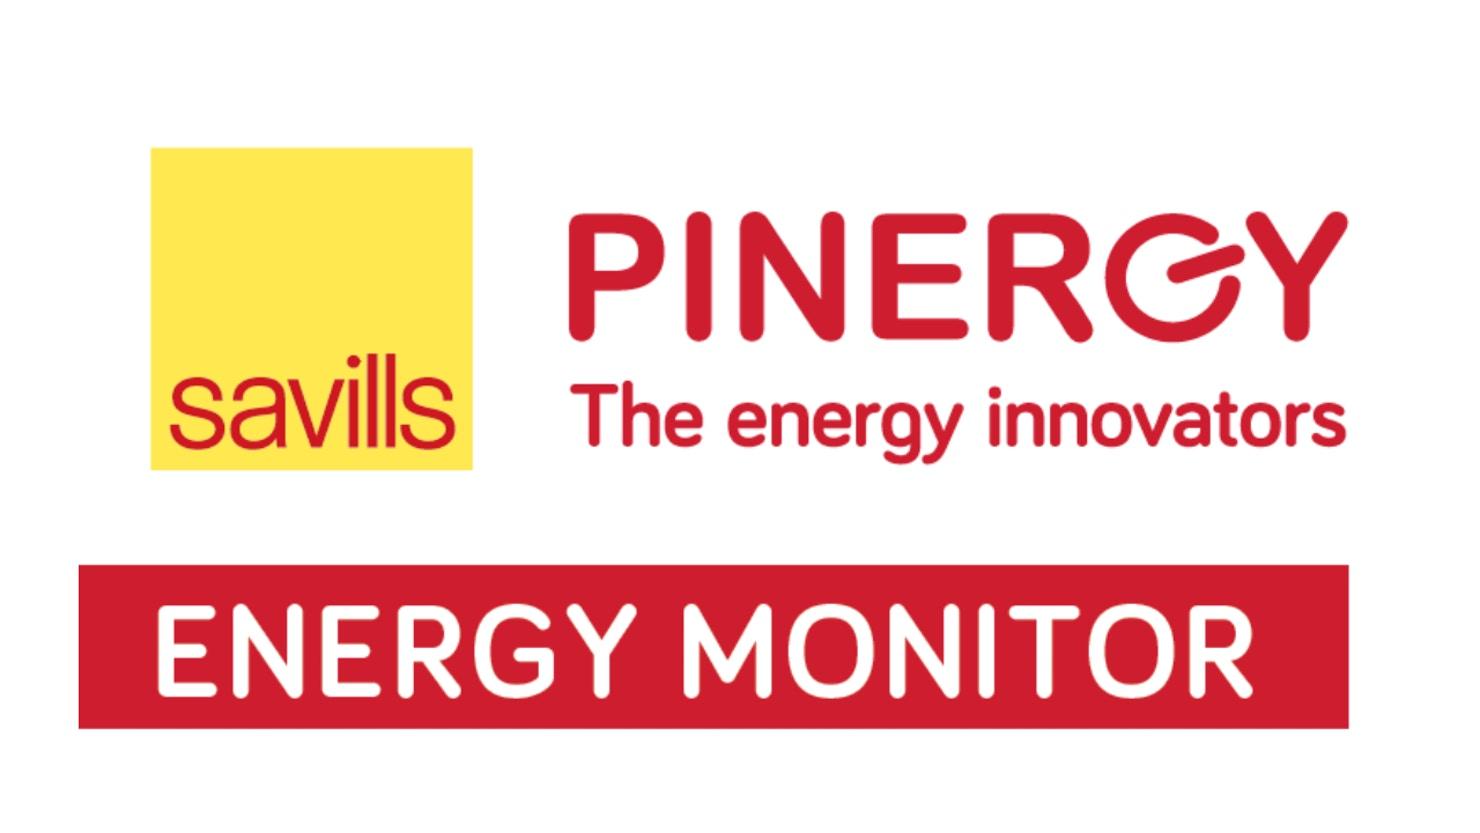 Savills Pinergy energy monitor